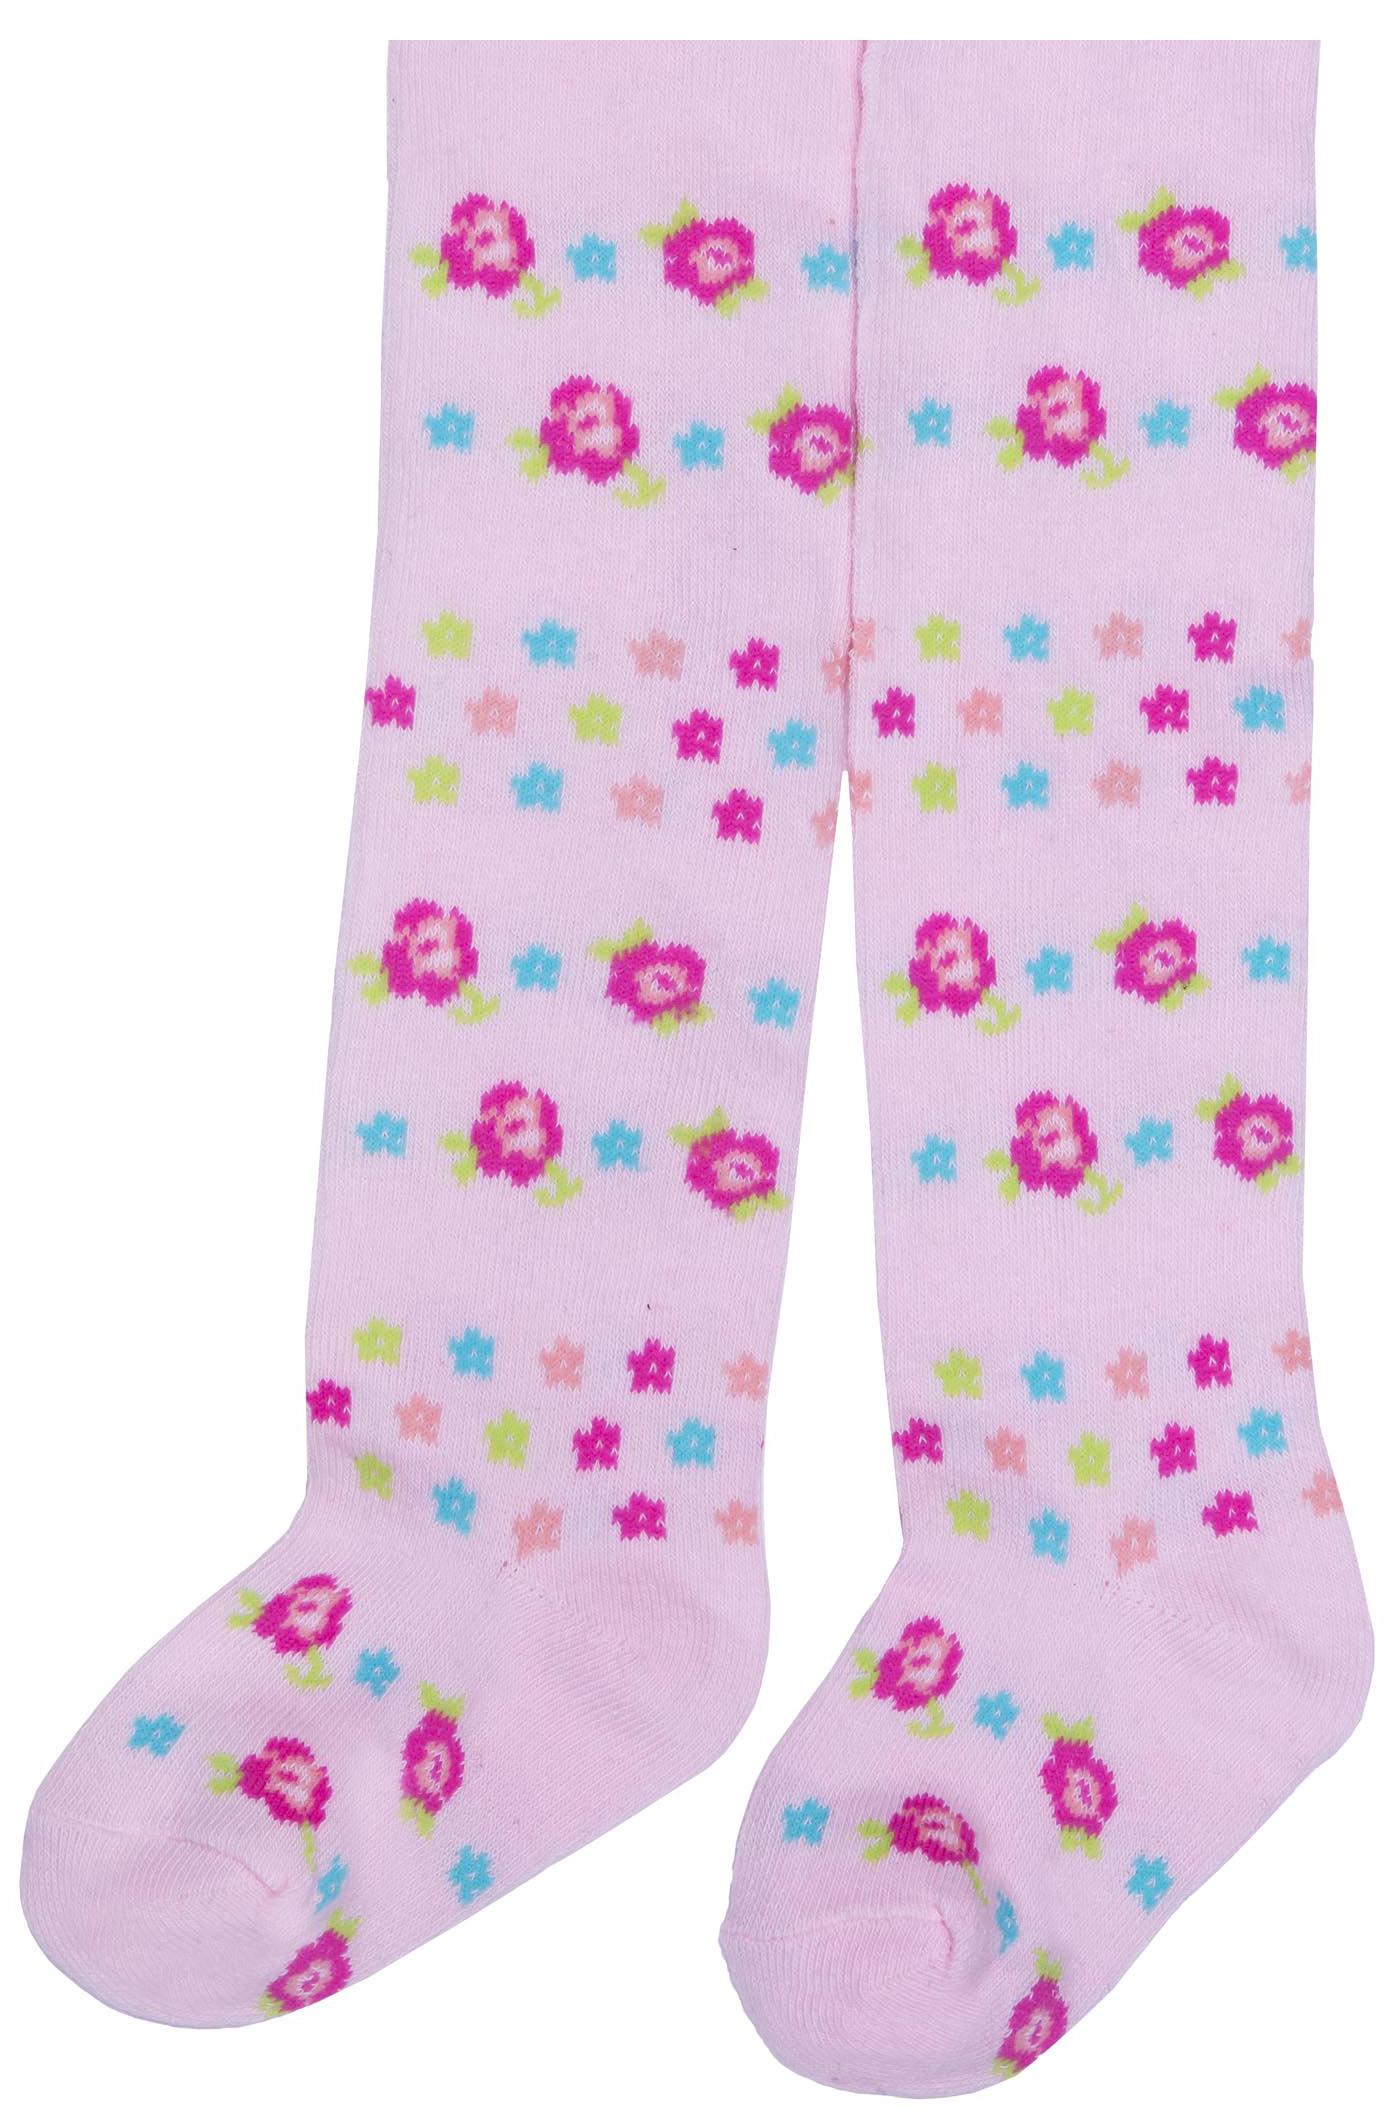 Купить Колготки детские для девочки, Цветы, 1шт., Barkito A00G1135H, Китай, розовый с рисунком цветы , Женский